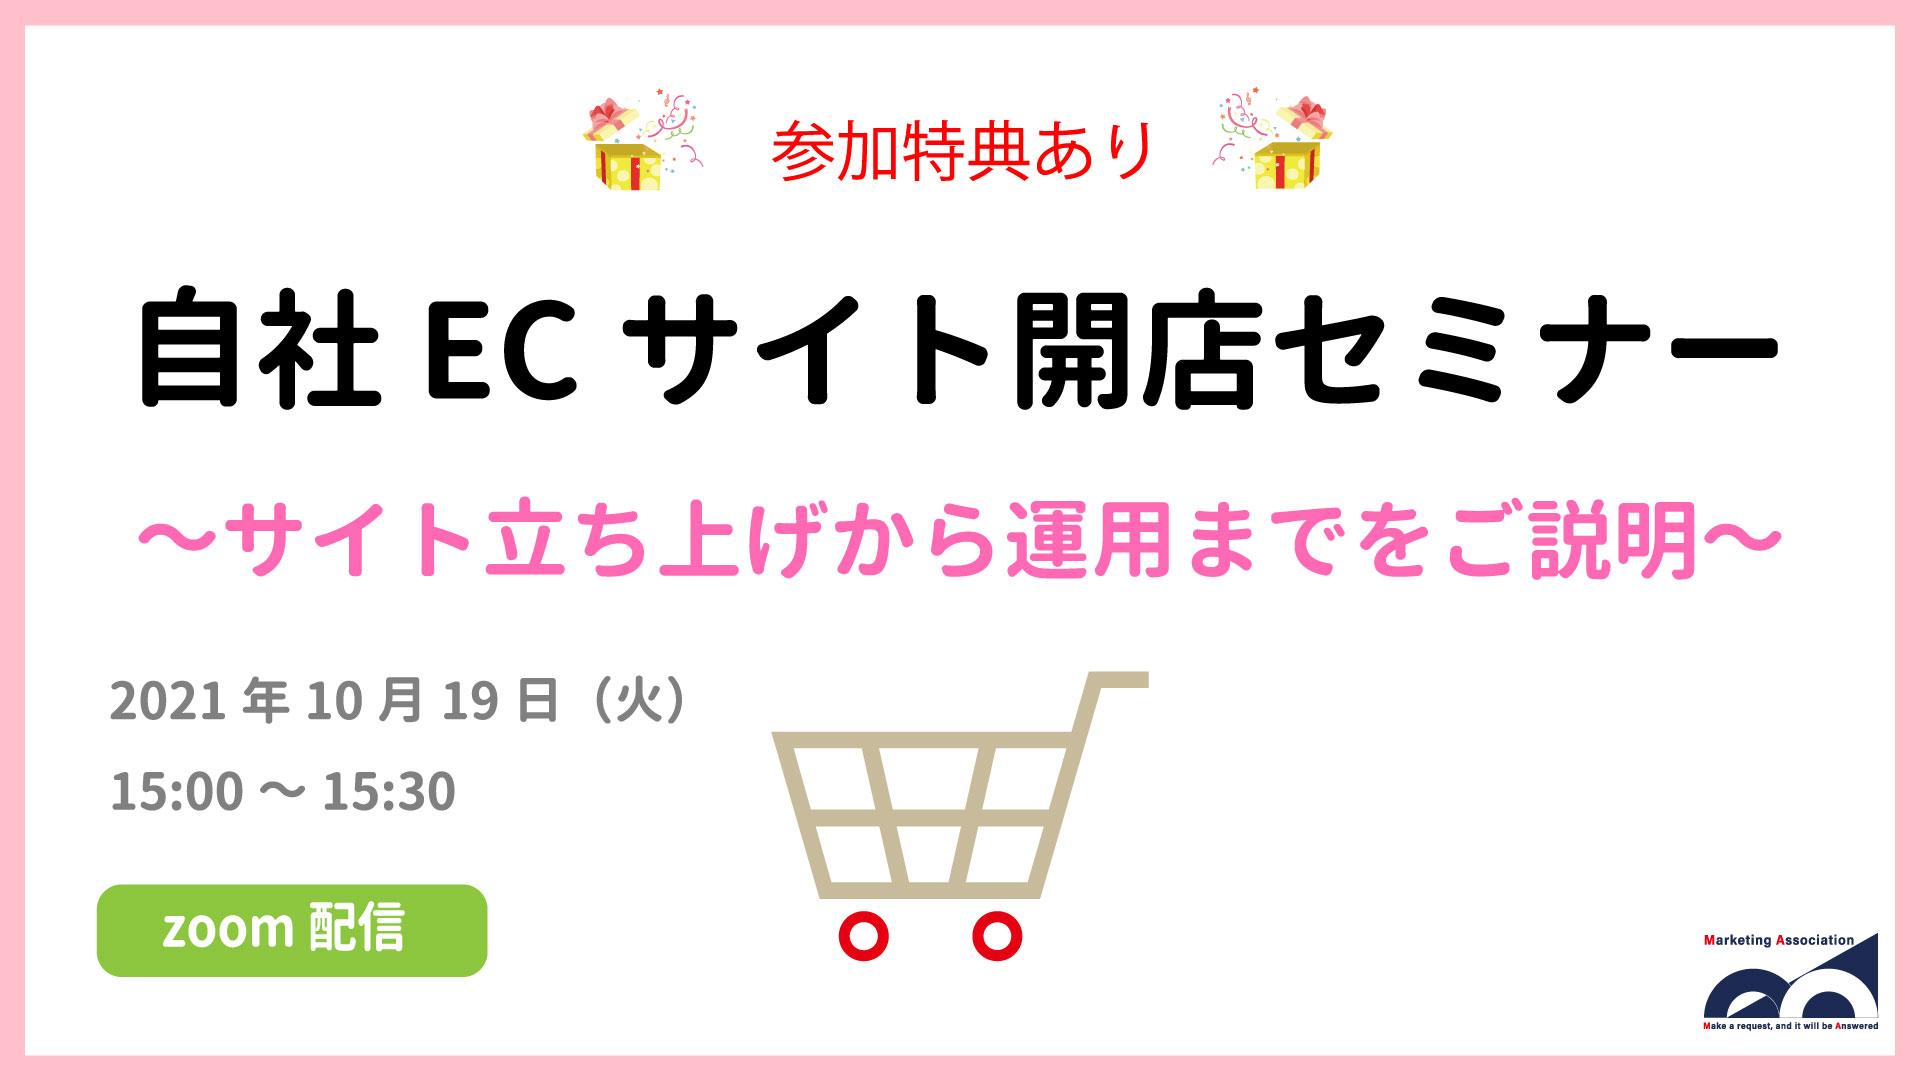 自社ECサイト開店セミナー~サイト立ち上げから運用までをご説明~